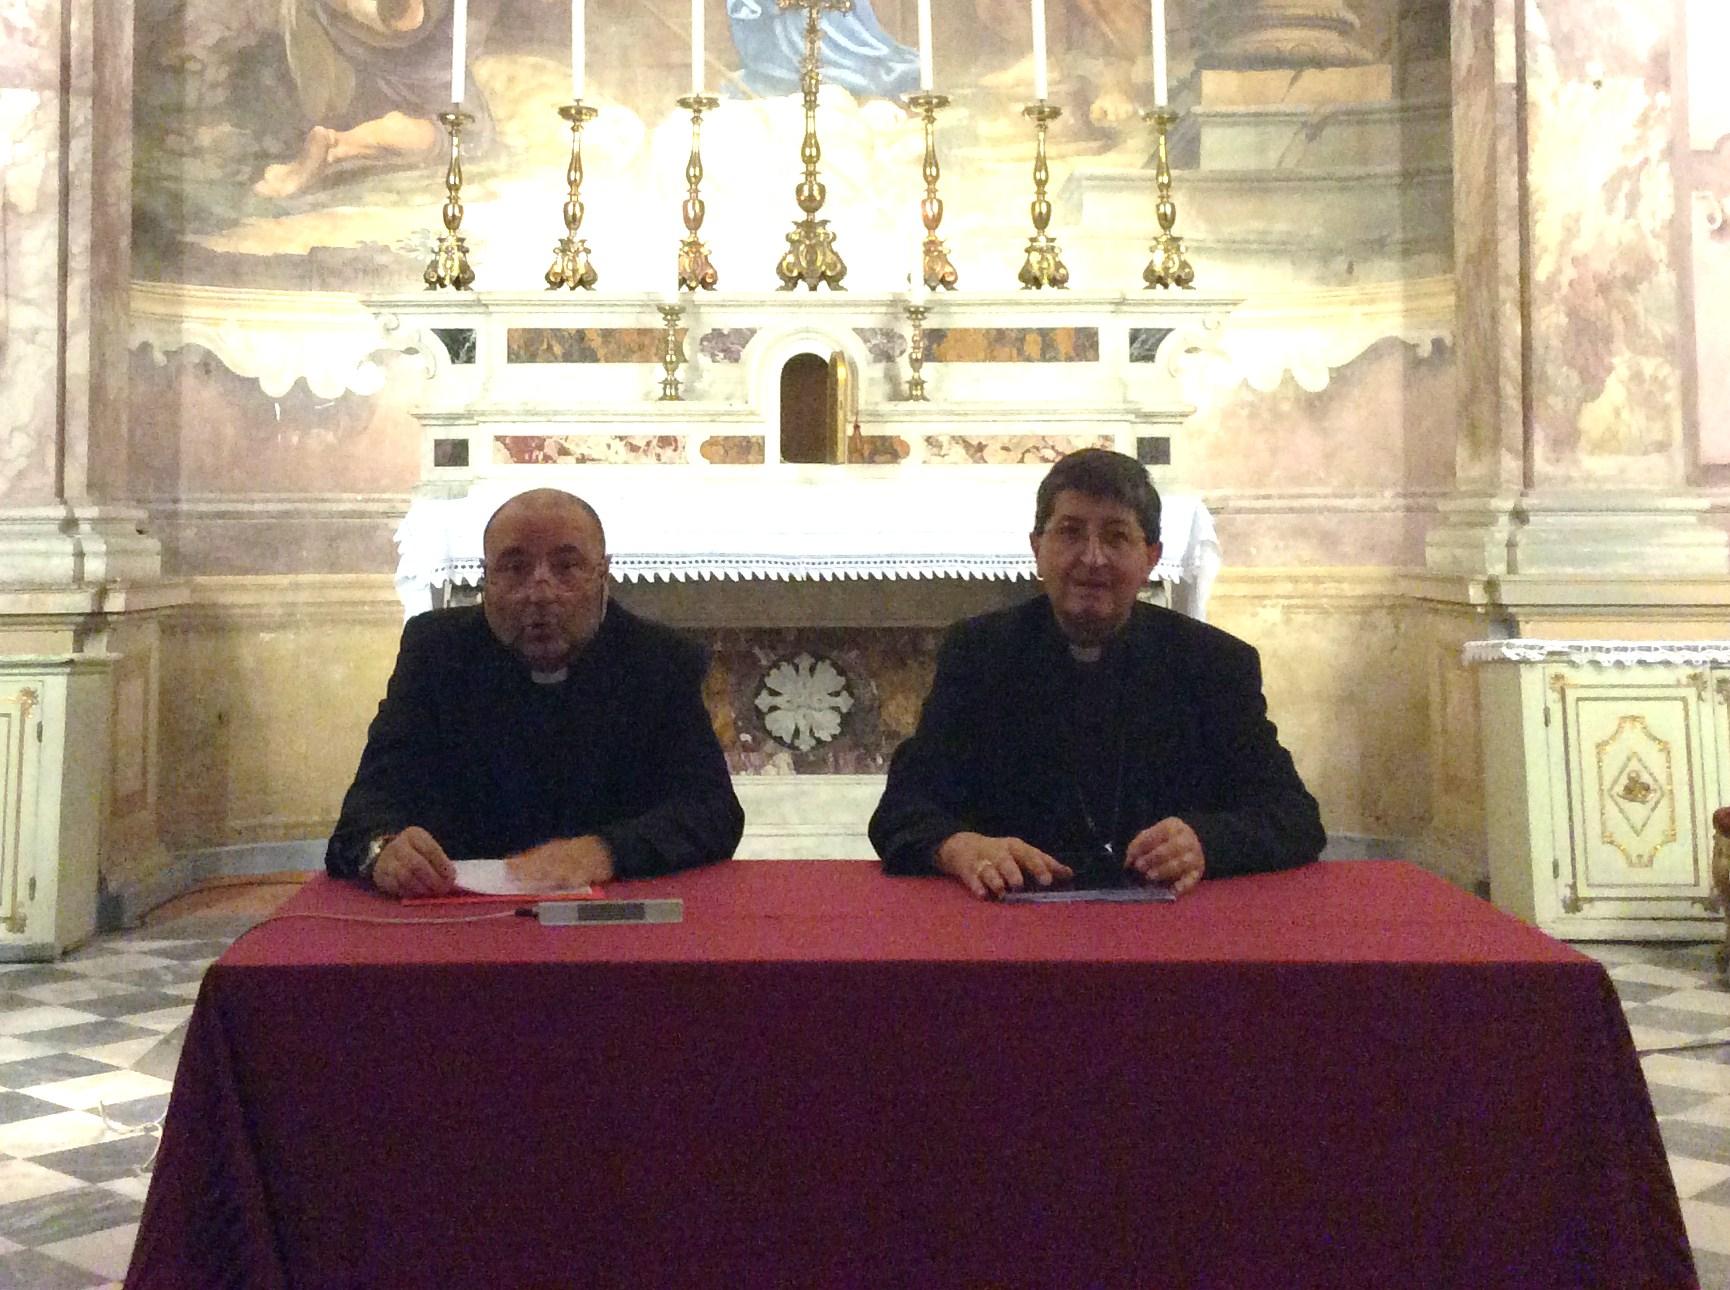 Discorso cardinale betori su richiesta processo - Don divo barsotti meditazioni ...